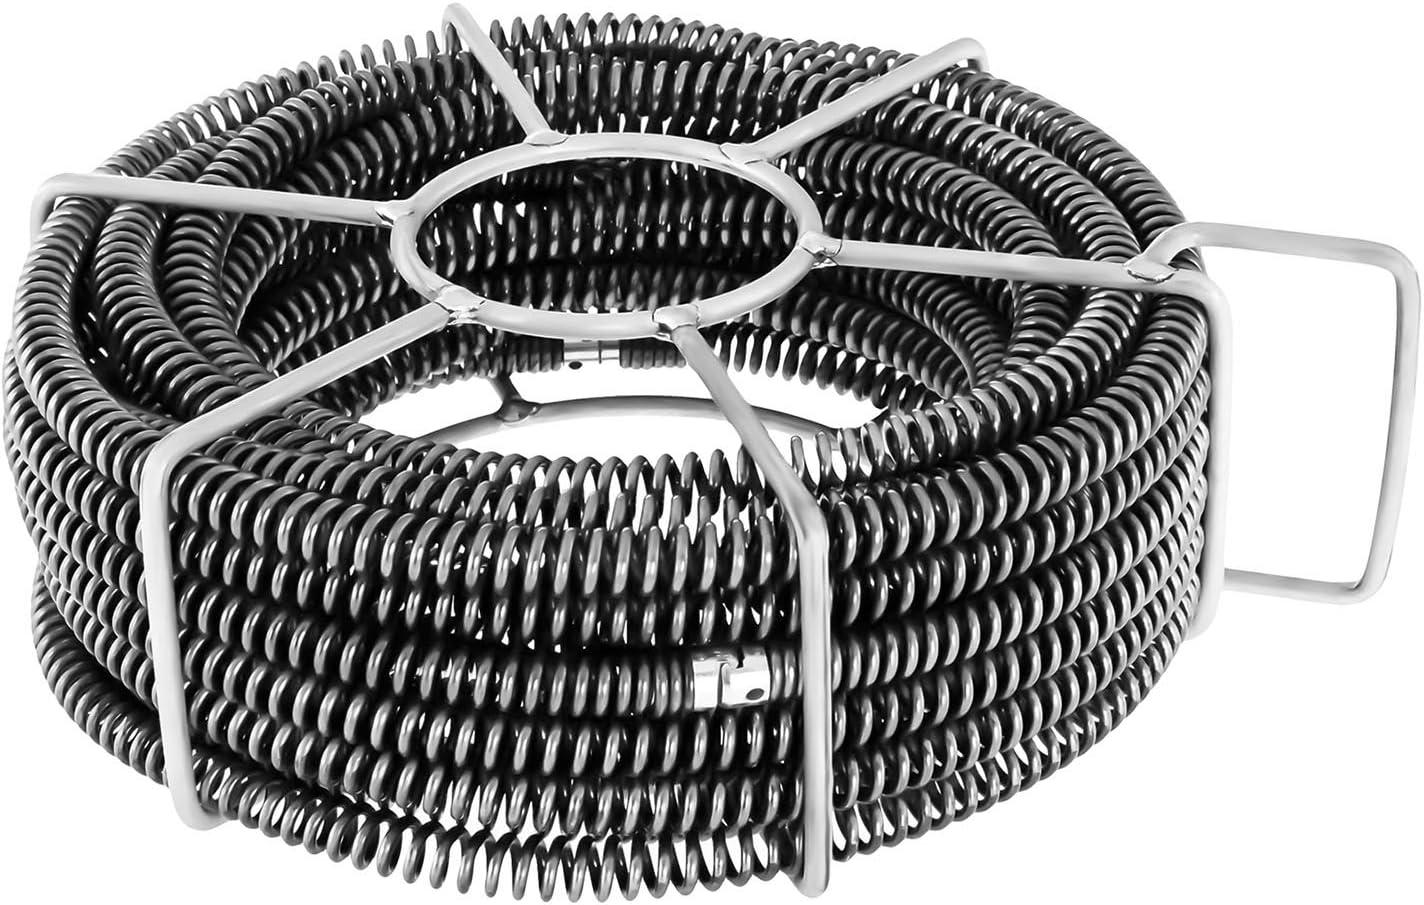 4 Spiralenelemente je 4,65 m, Anschluss: /Ø 32 mm, Gesamtl/änge 18,6 m, Rohrbreite: /Ø 50-200 mm MSW Motor Technics Rohrreinigungsspiralen Set MSW-CABLE SET 4